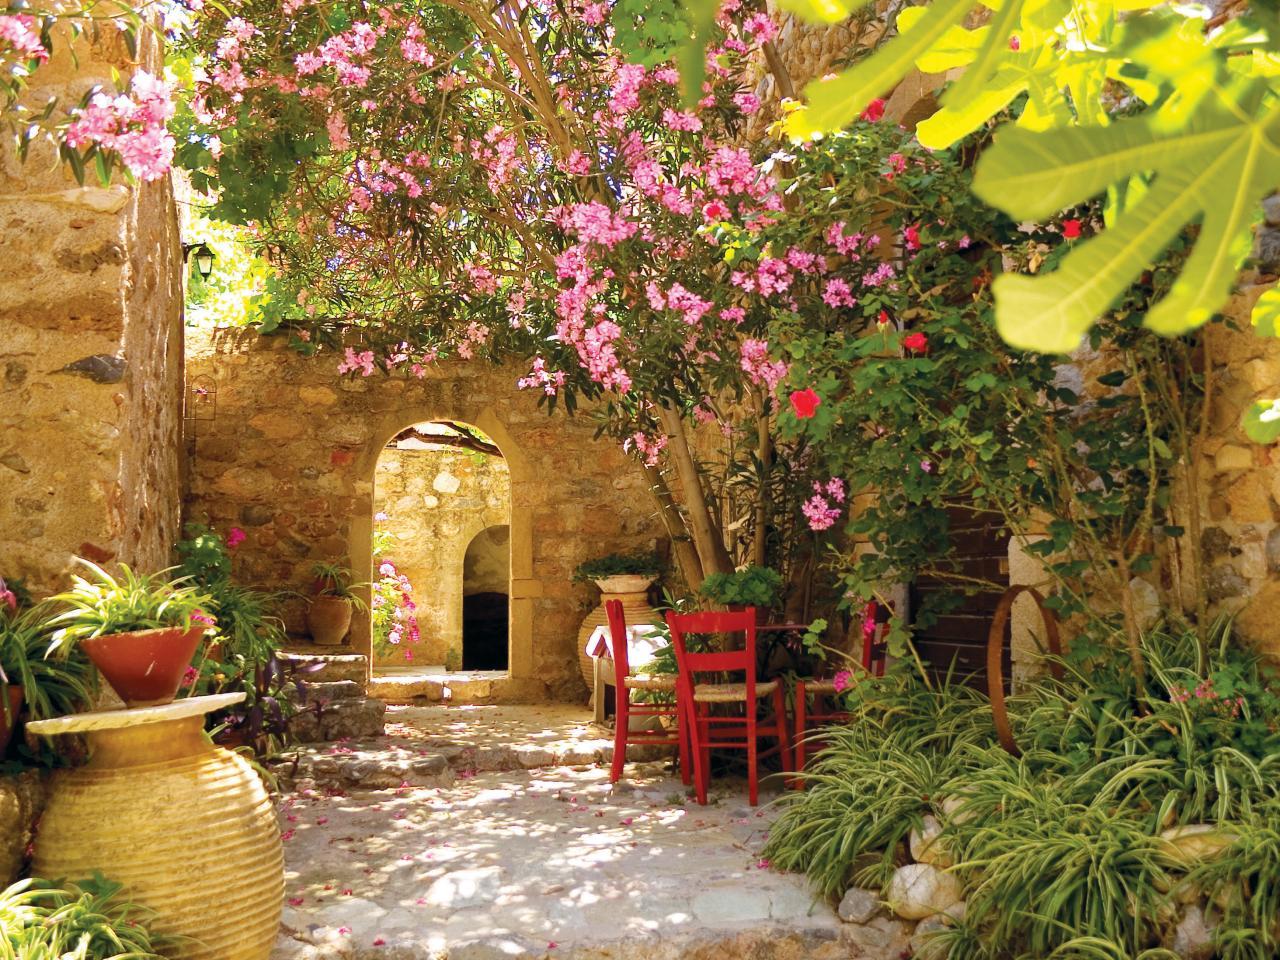 mediterranean-landscape-garden-design-landscaping-ideas_300794.jpg